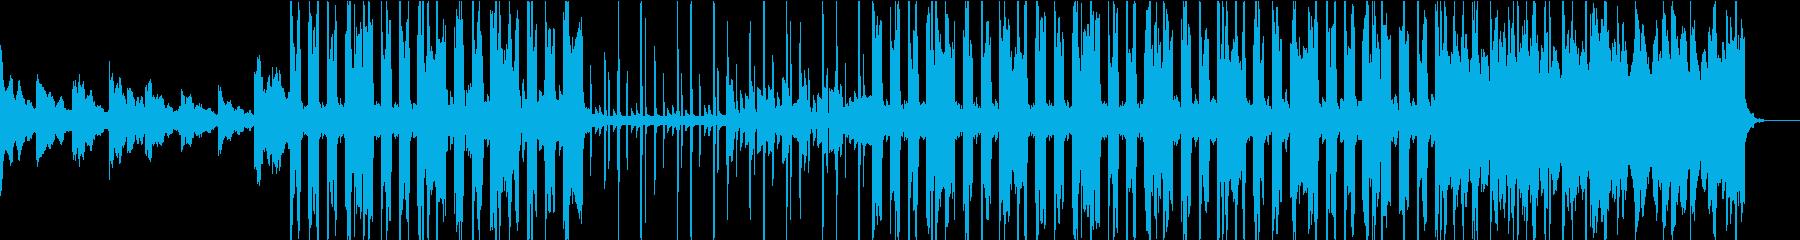 エレクトリックピアノのシティポップの再生済みの波形